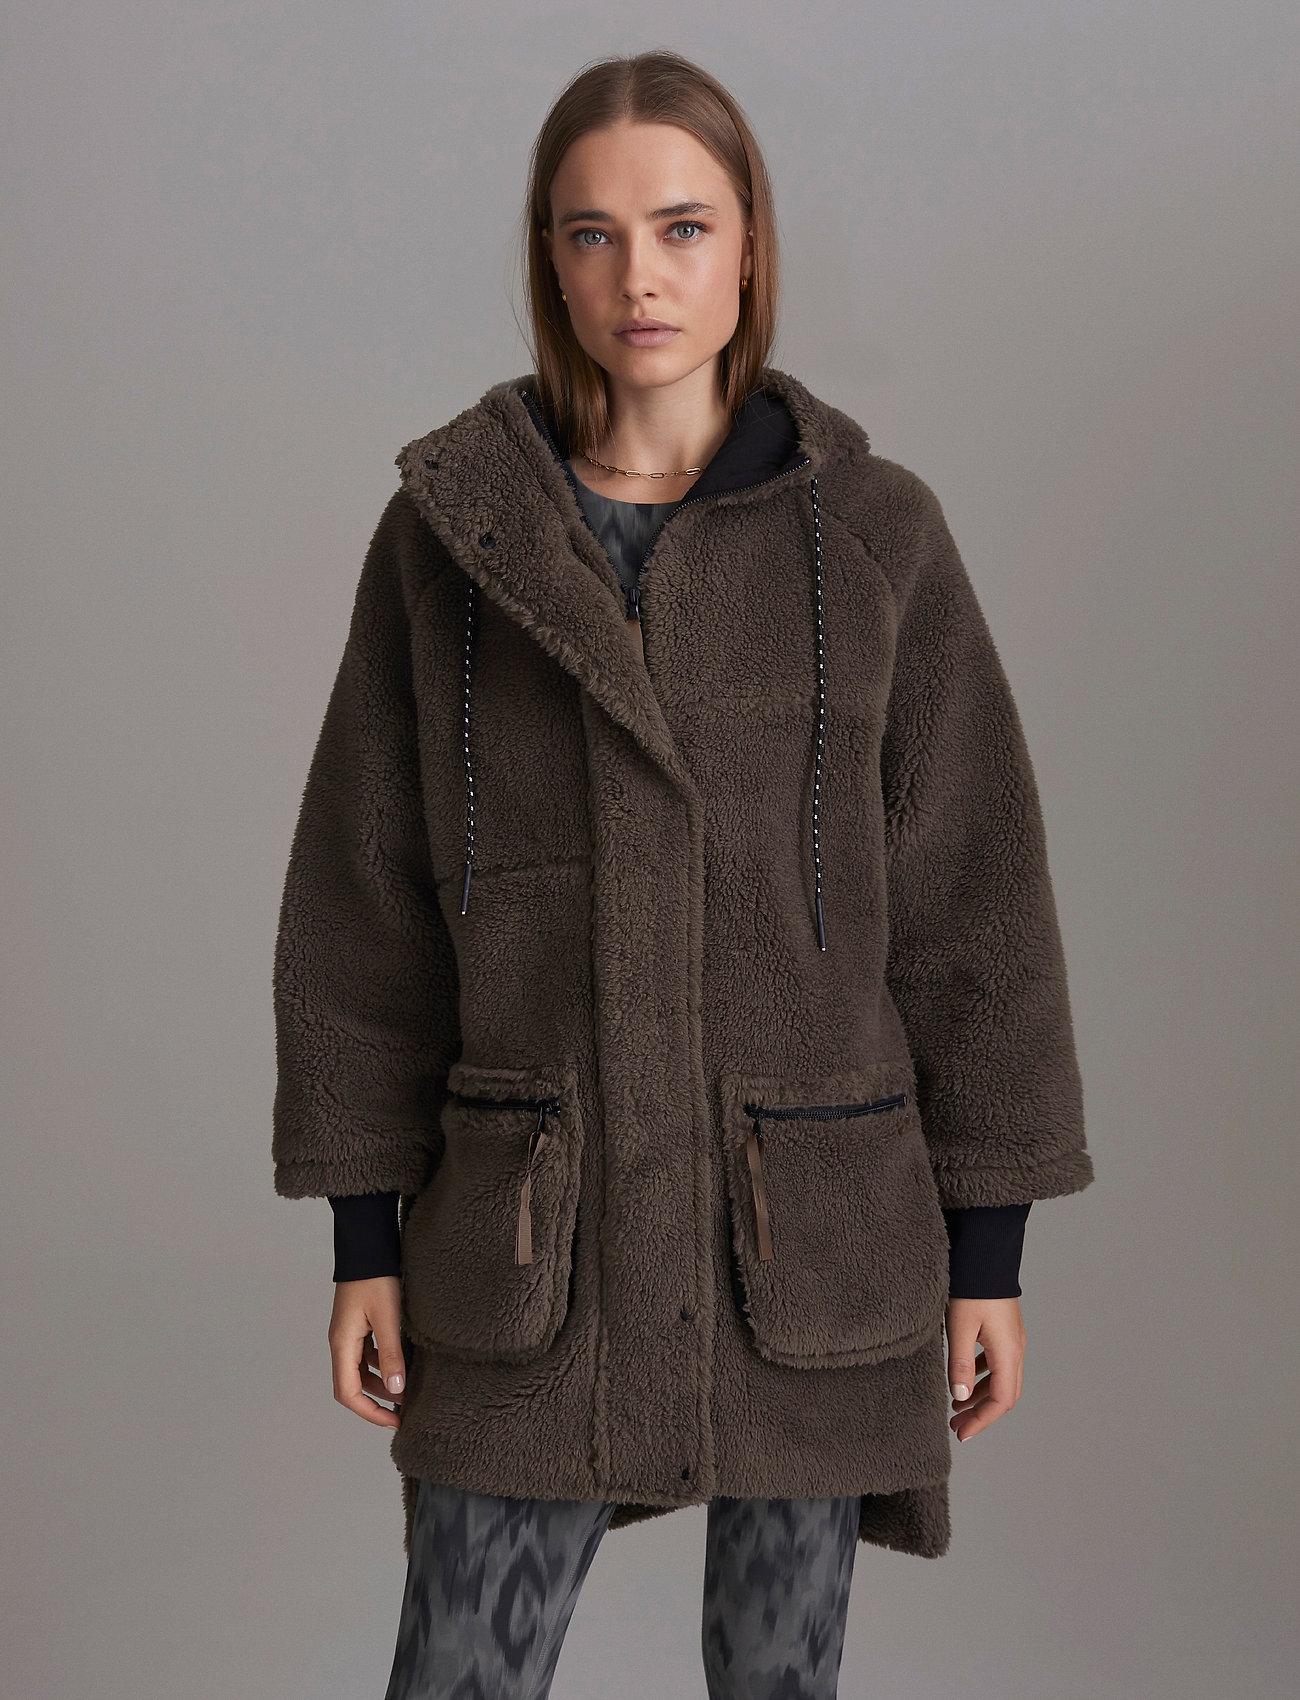 Varley - Midvale Jacket - kunstpelz - morel - 0